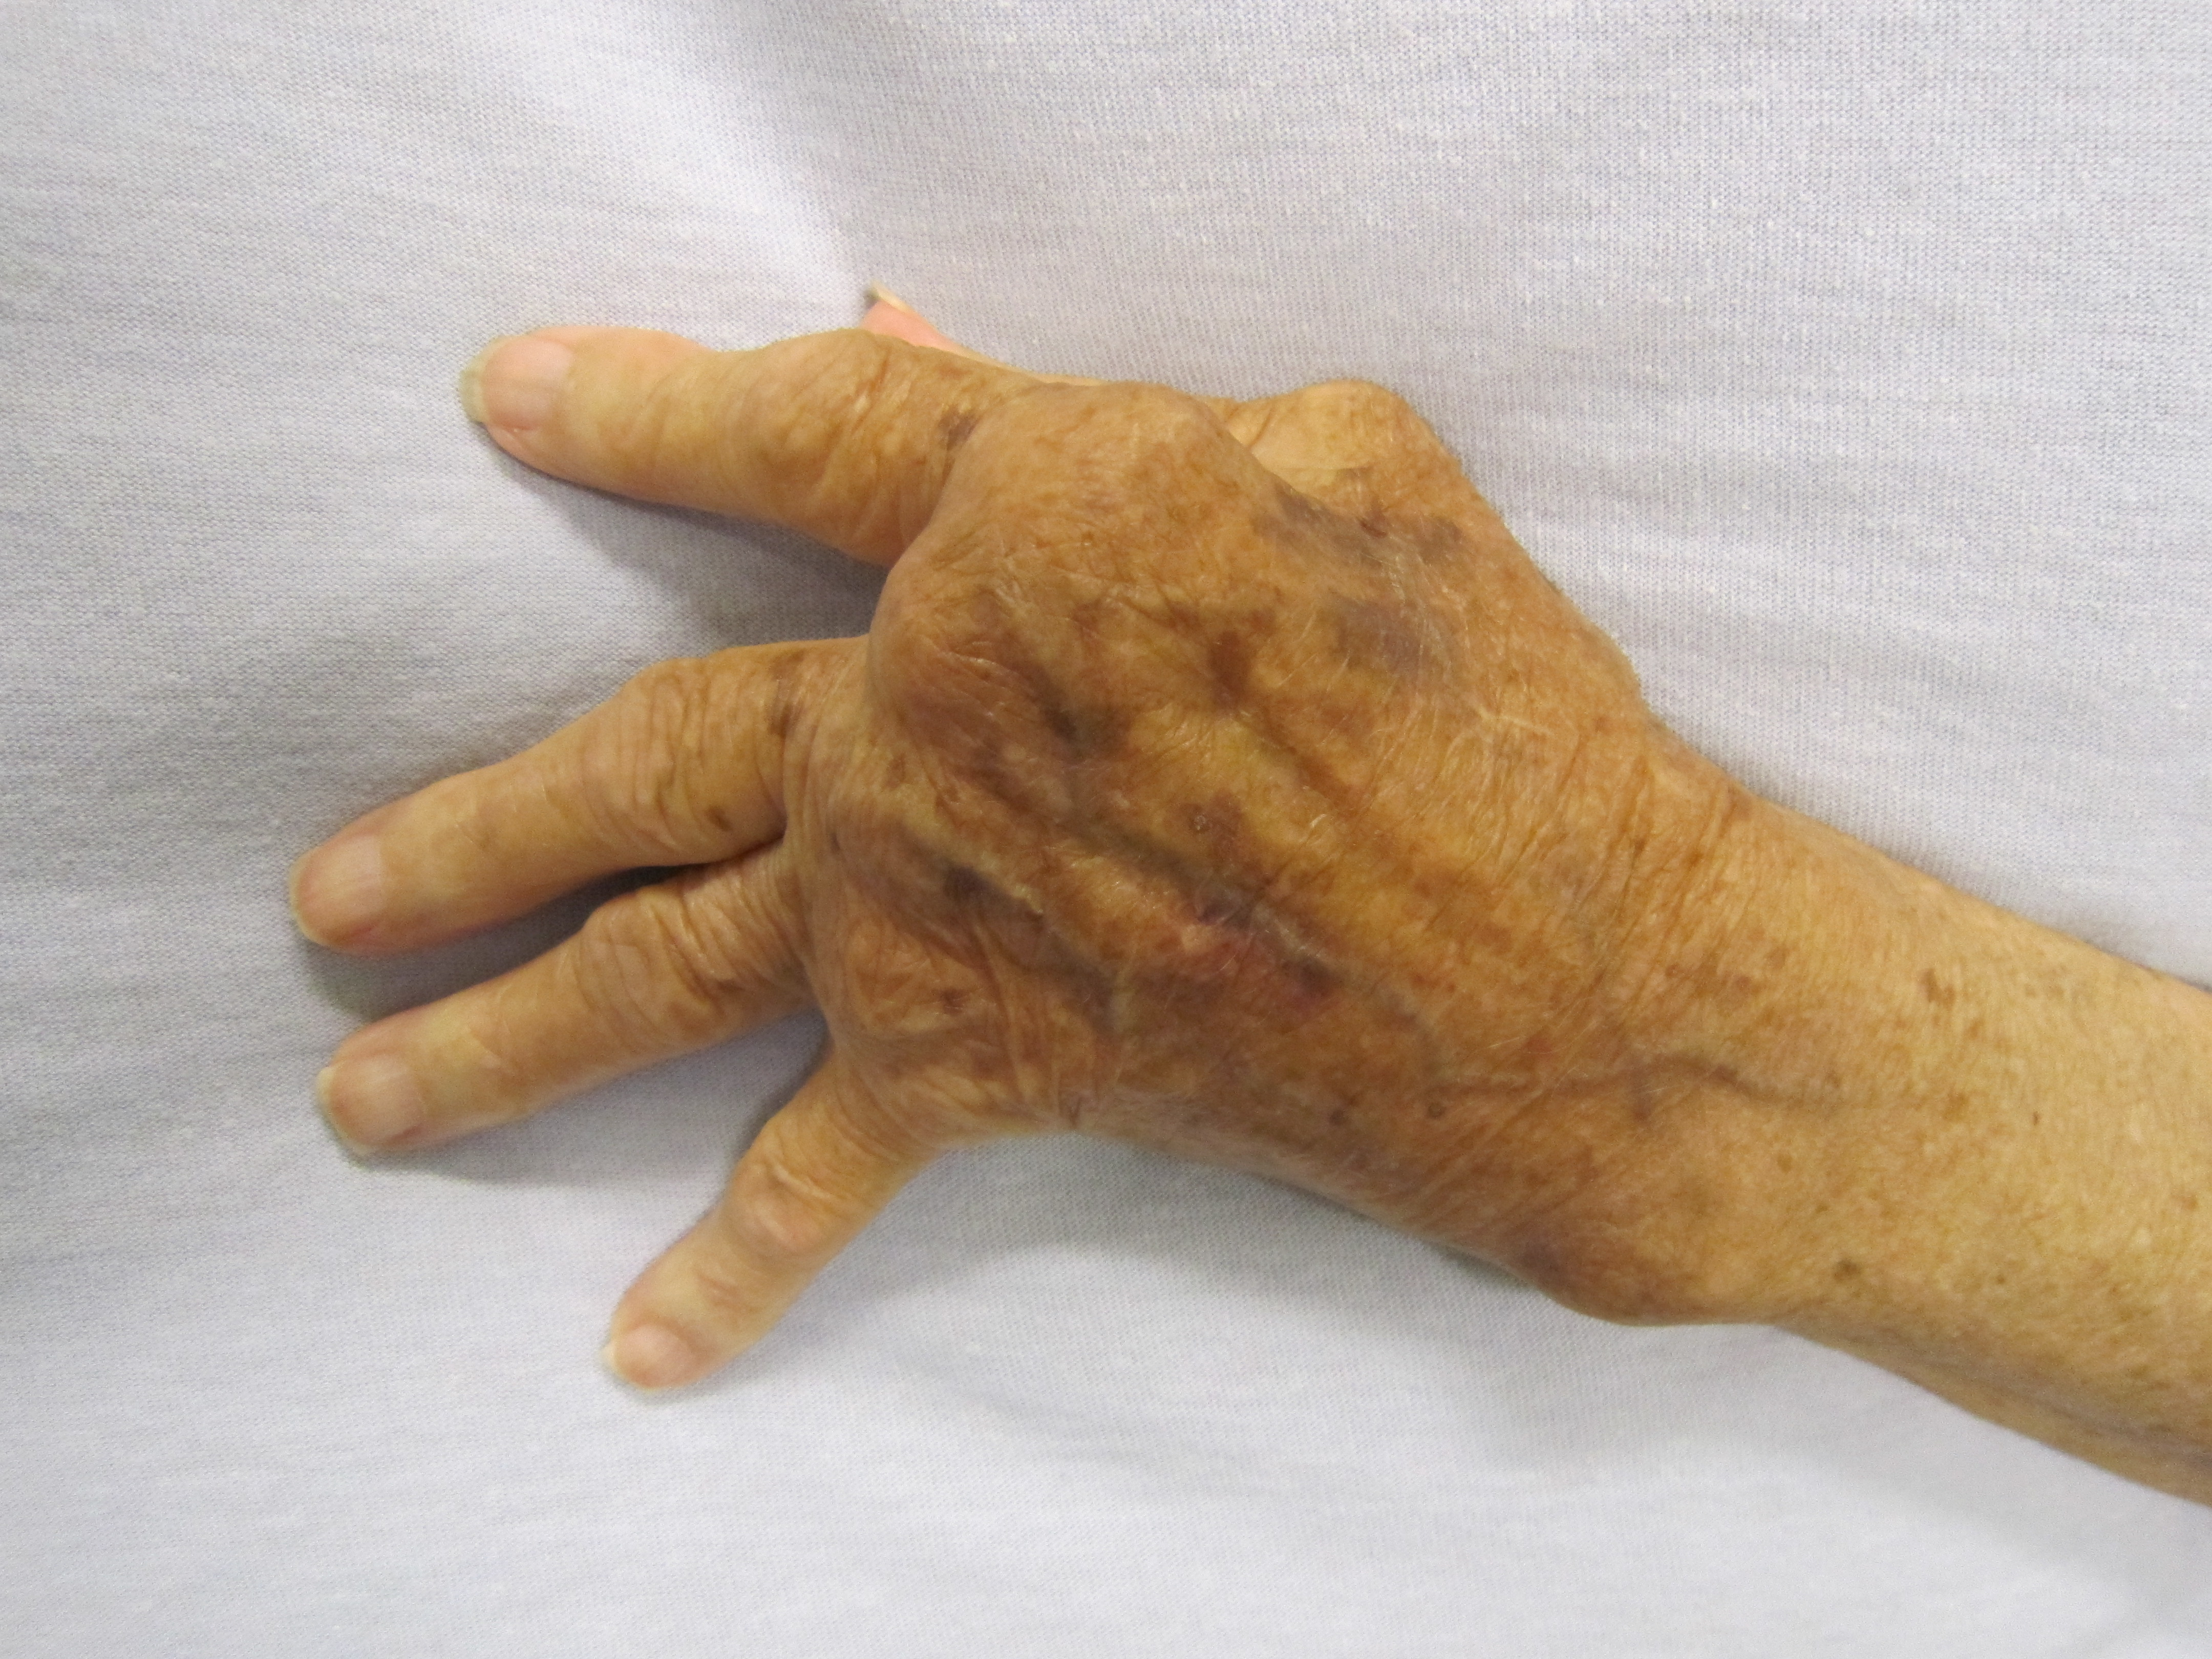 deformáló ízületi gyulladás kezelésére